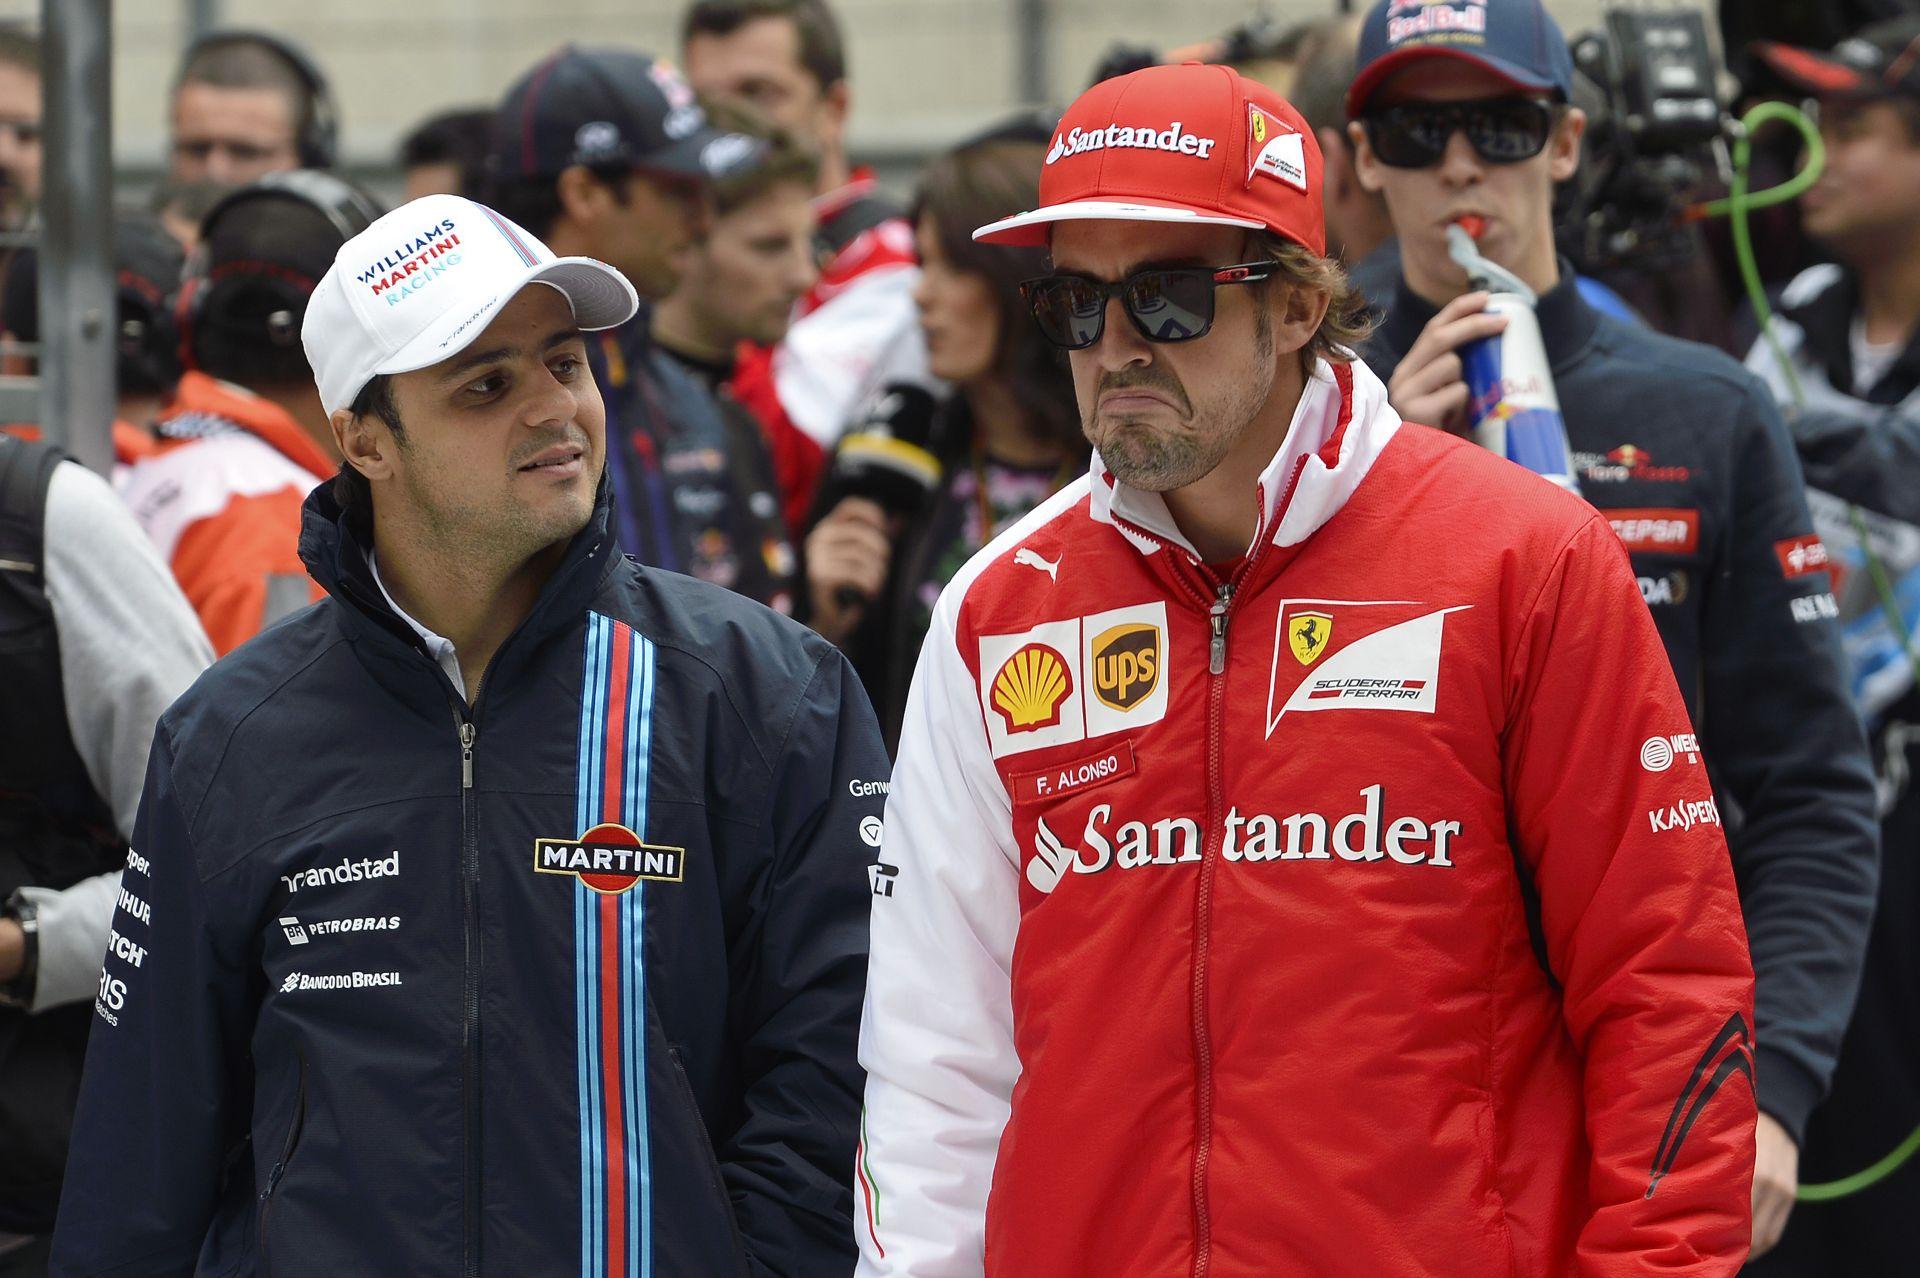 Massa szerint benne van, hogy Alonso elhagyja a Ferrarit